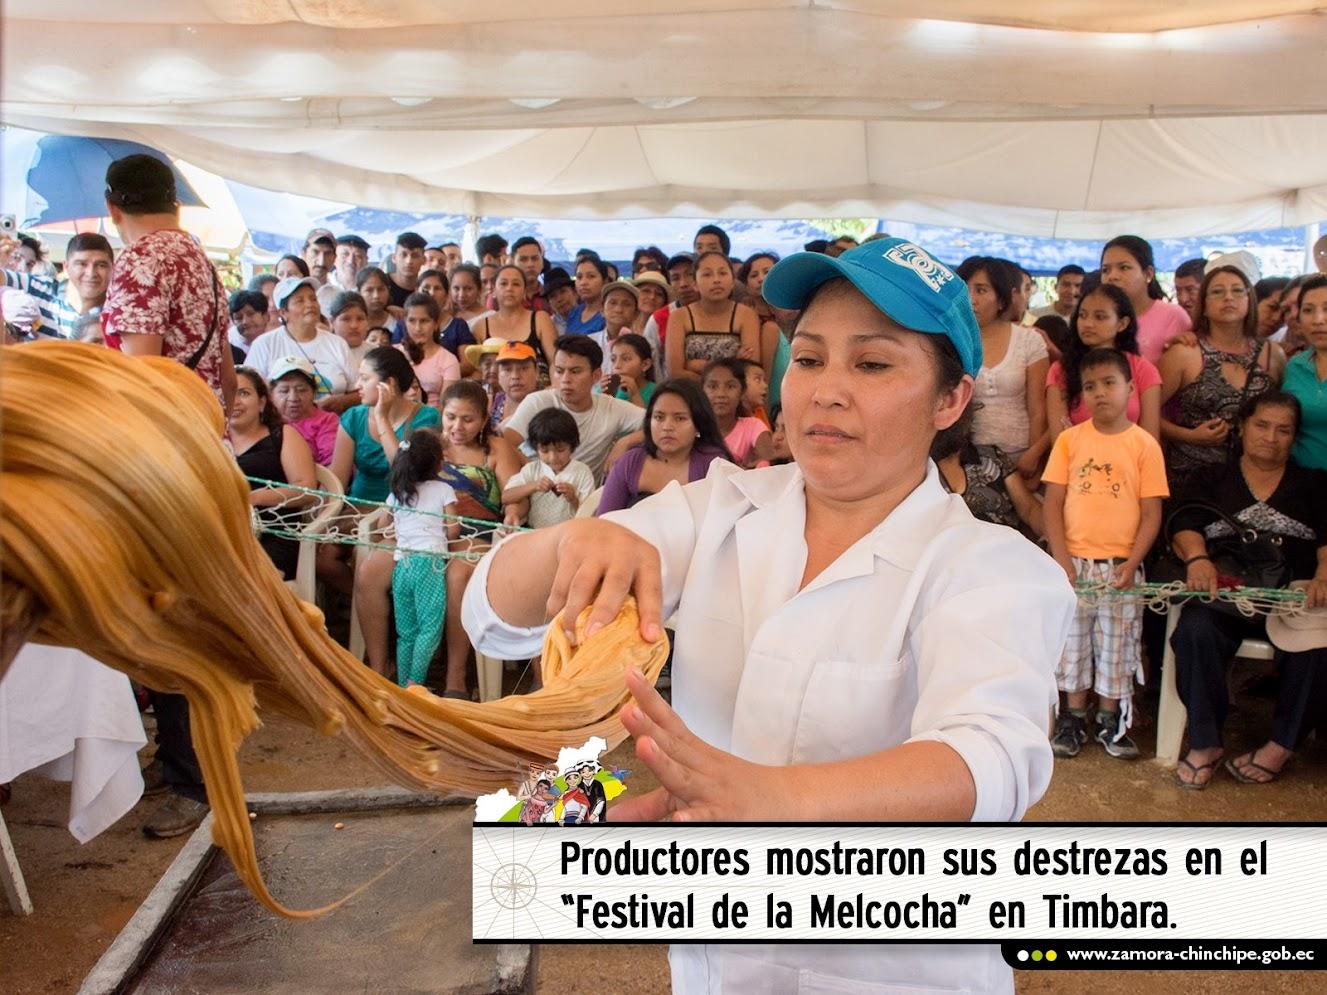 PRODUCTORES MOSTRARON SUS DESTREZAS EN EL FESTIVAL DE LA MELCOCHA